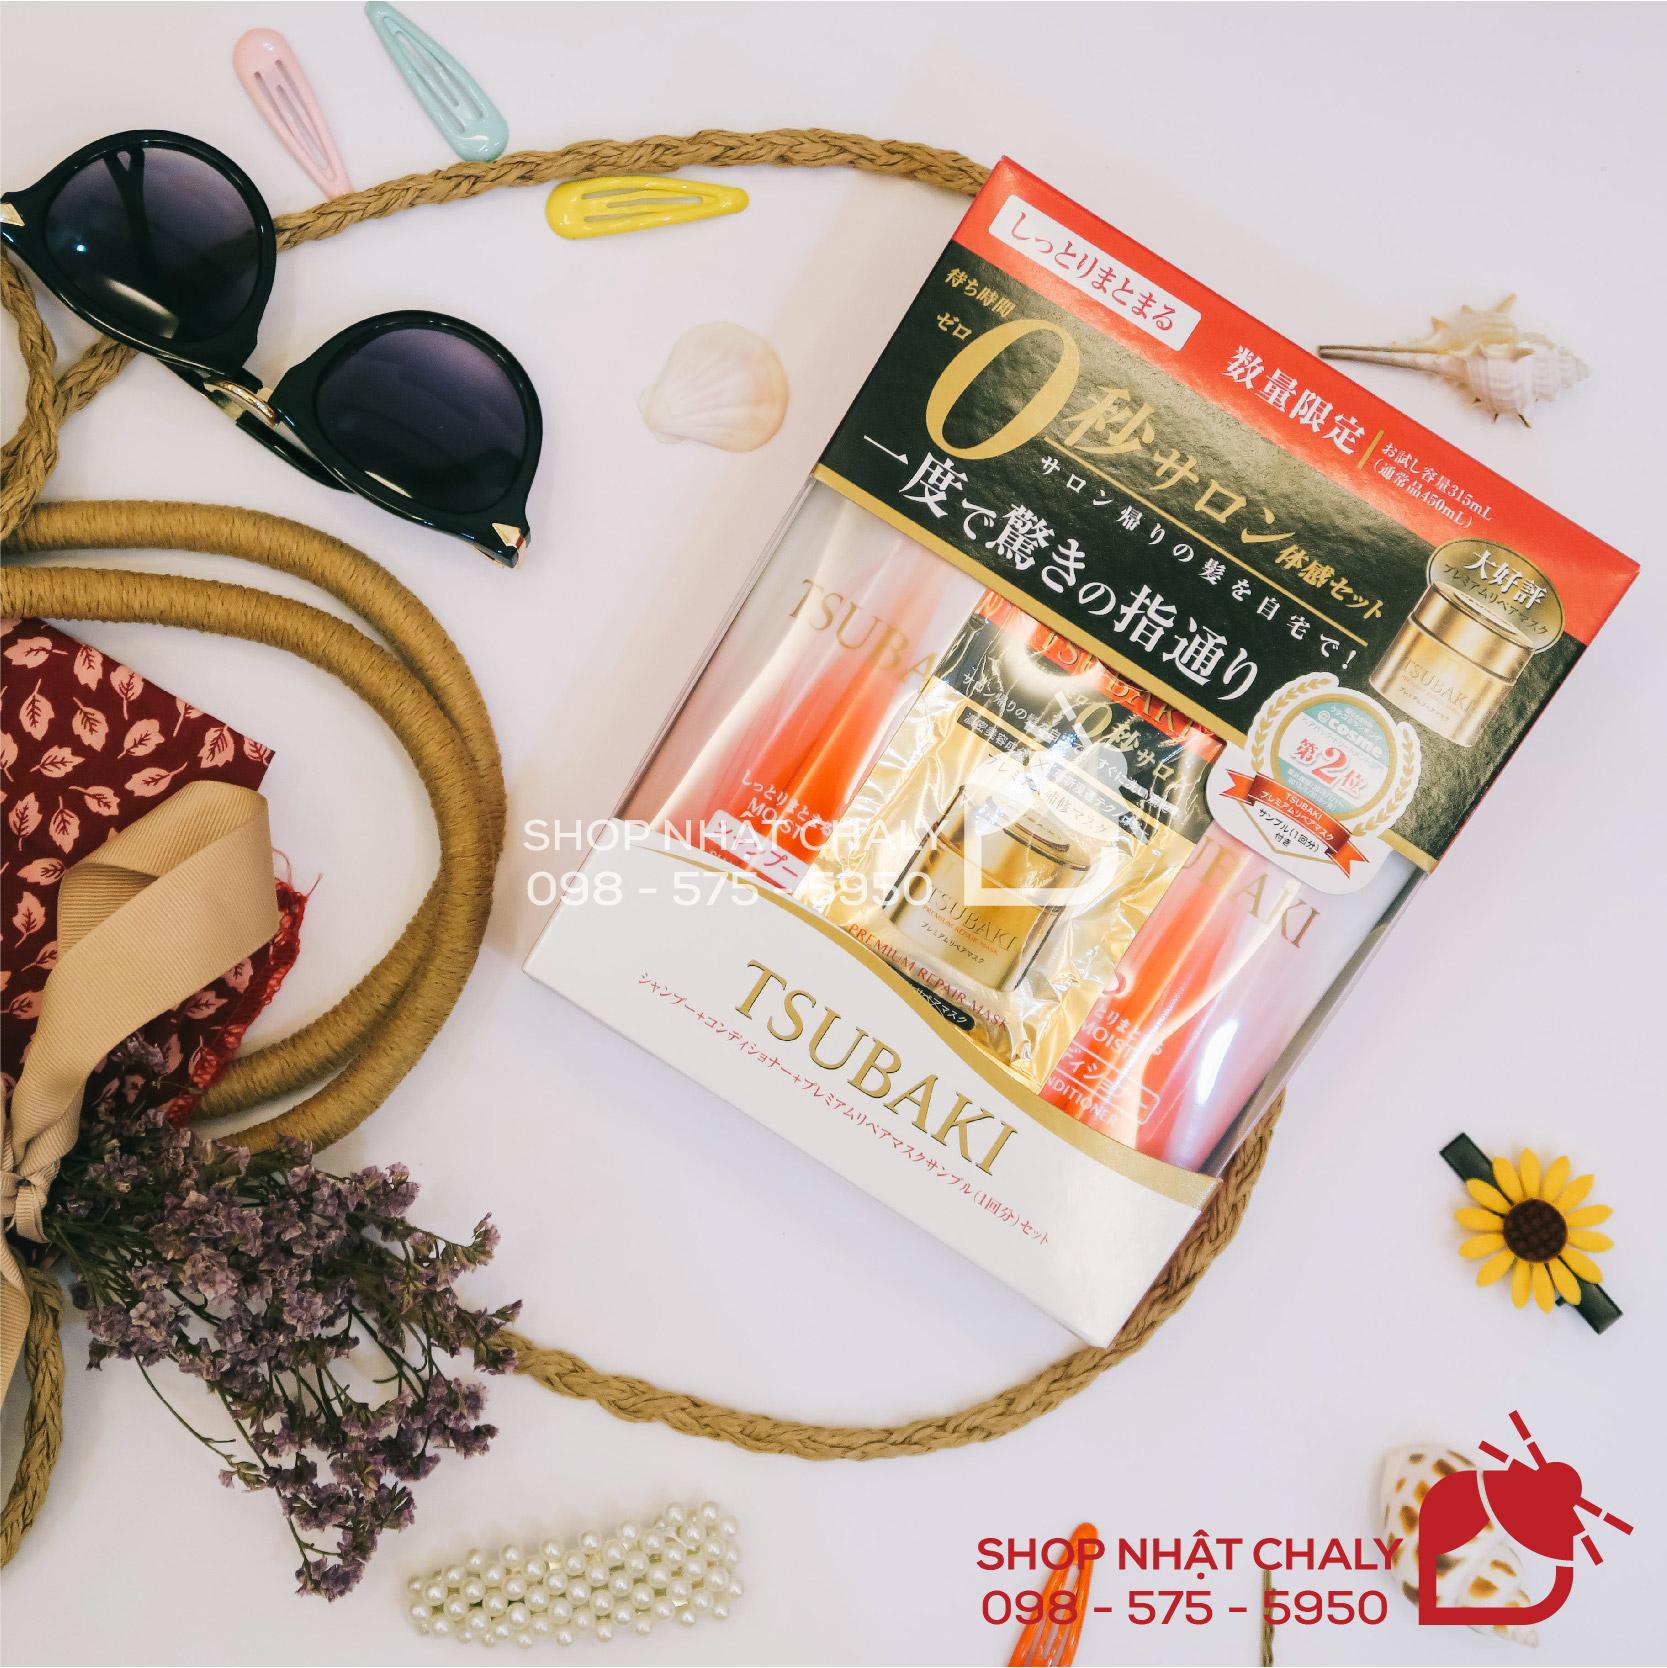 Bộ dầu gội Tsubaki đỏ của Shiseido là sản phẩm dưỡng tóc phục hồi, dành cho tóc khô xơ chẻ ngọn, rất được ưa chuộng